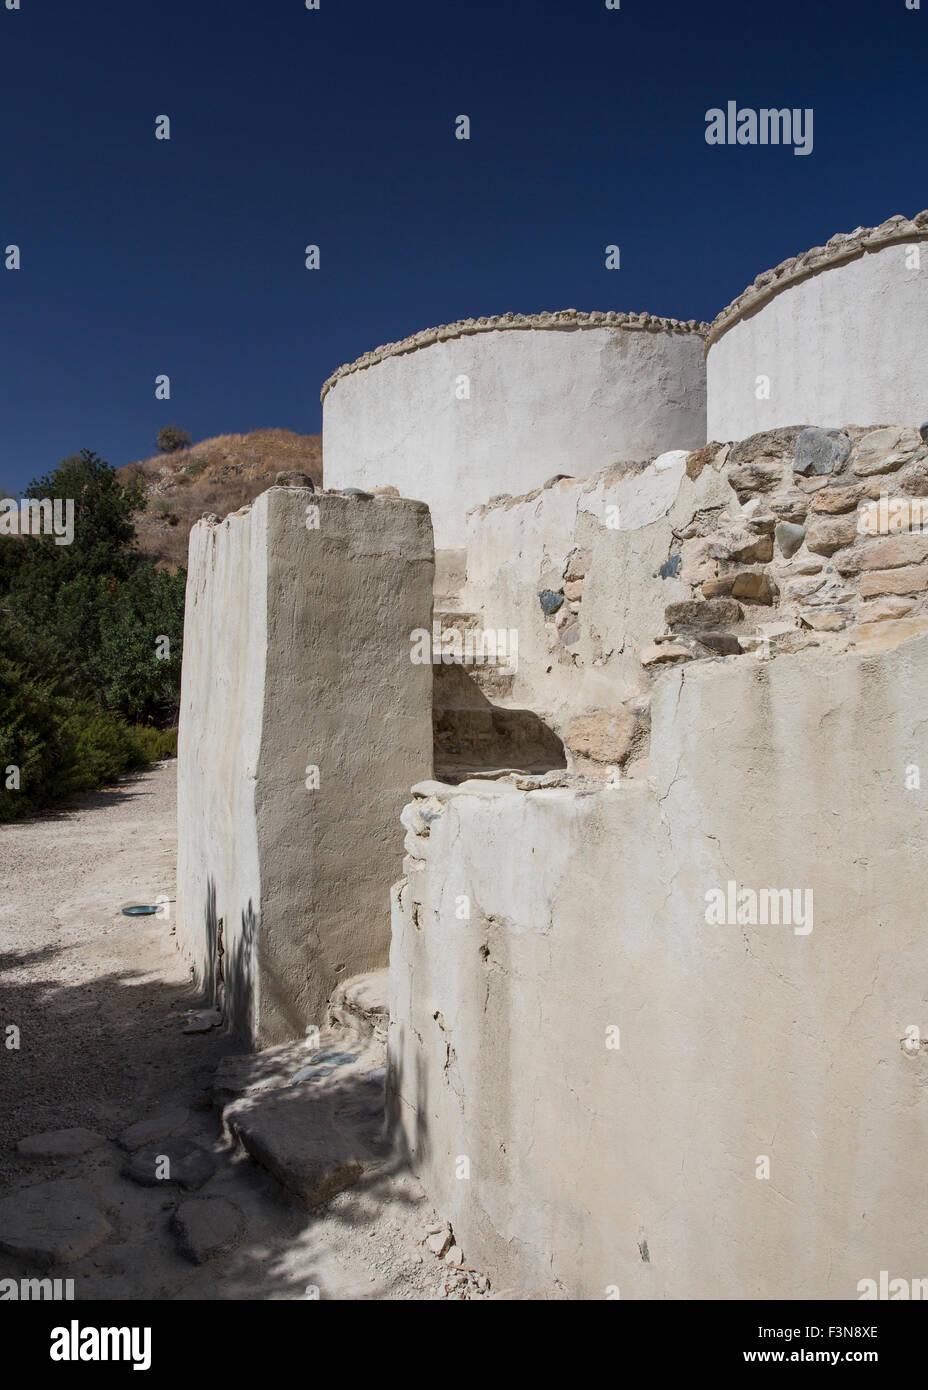 Reconstrucción de la entrada protegida y casas en el poblado neolítico de Choirokoitia en Chipre Foto de stock